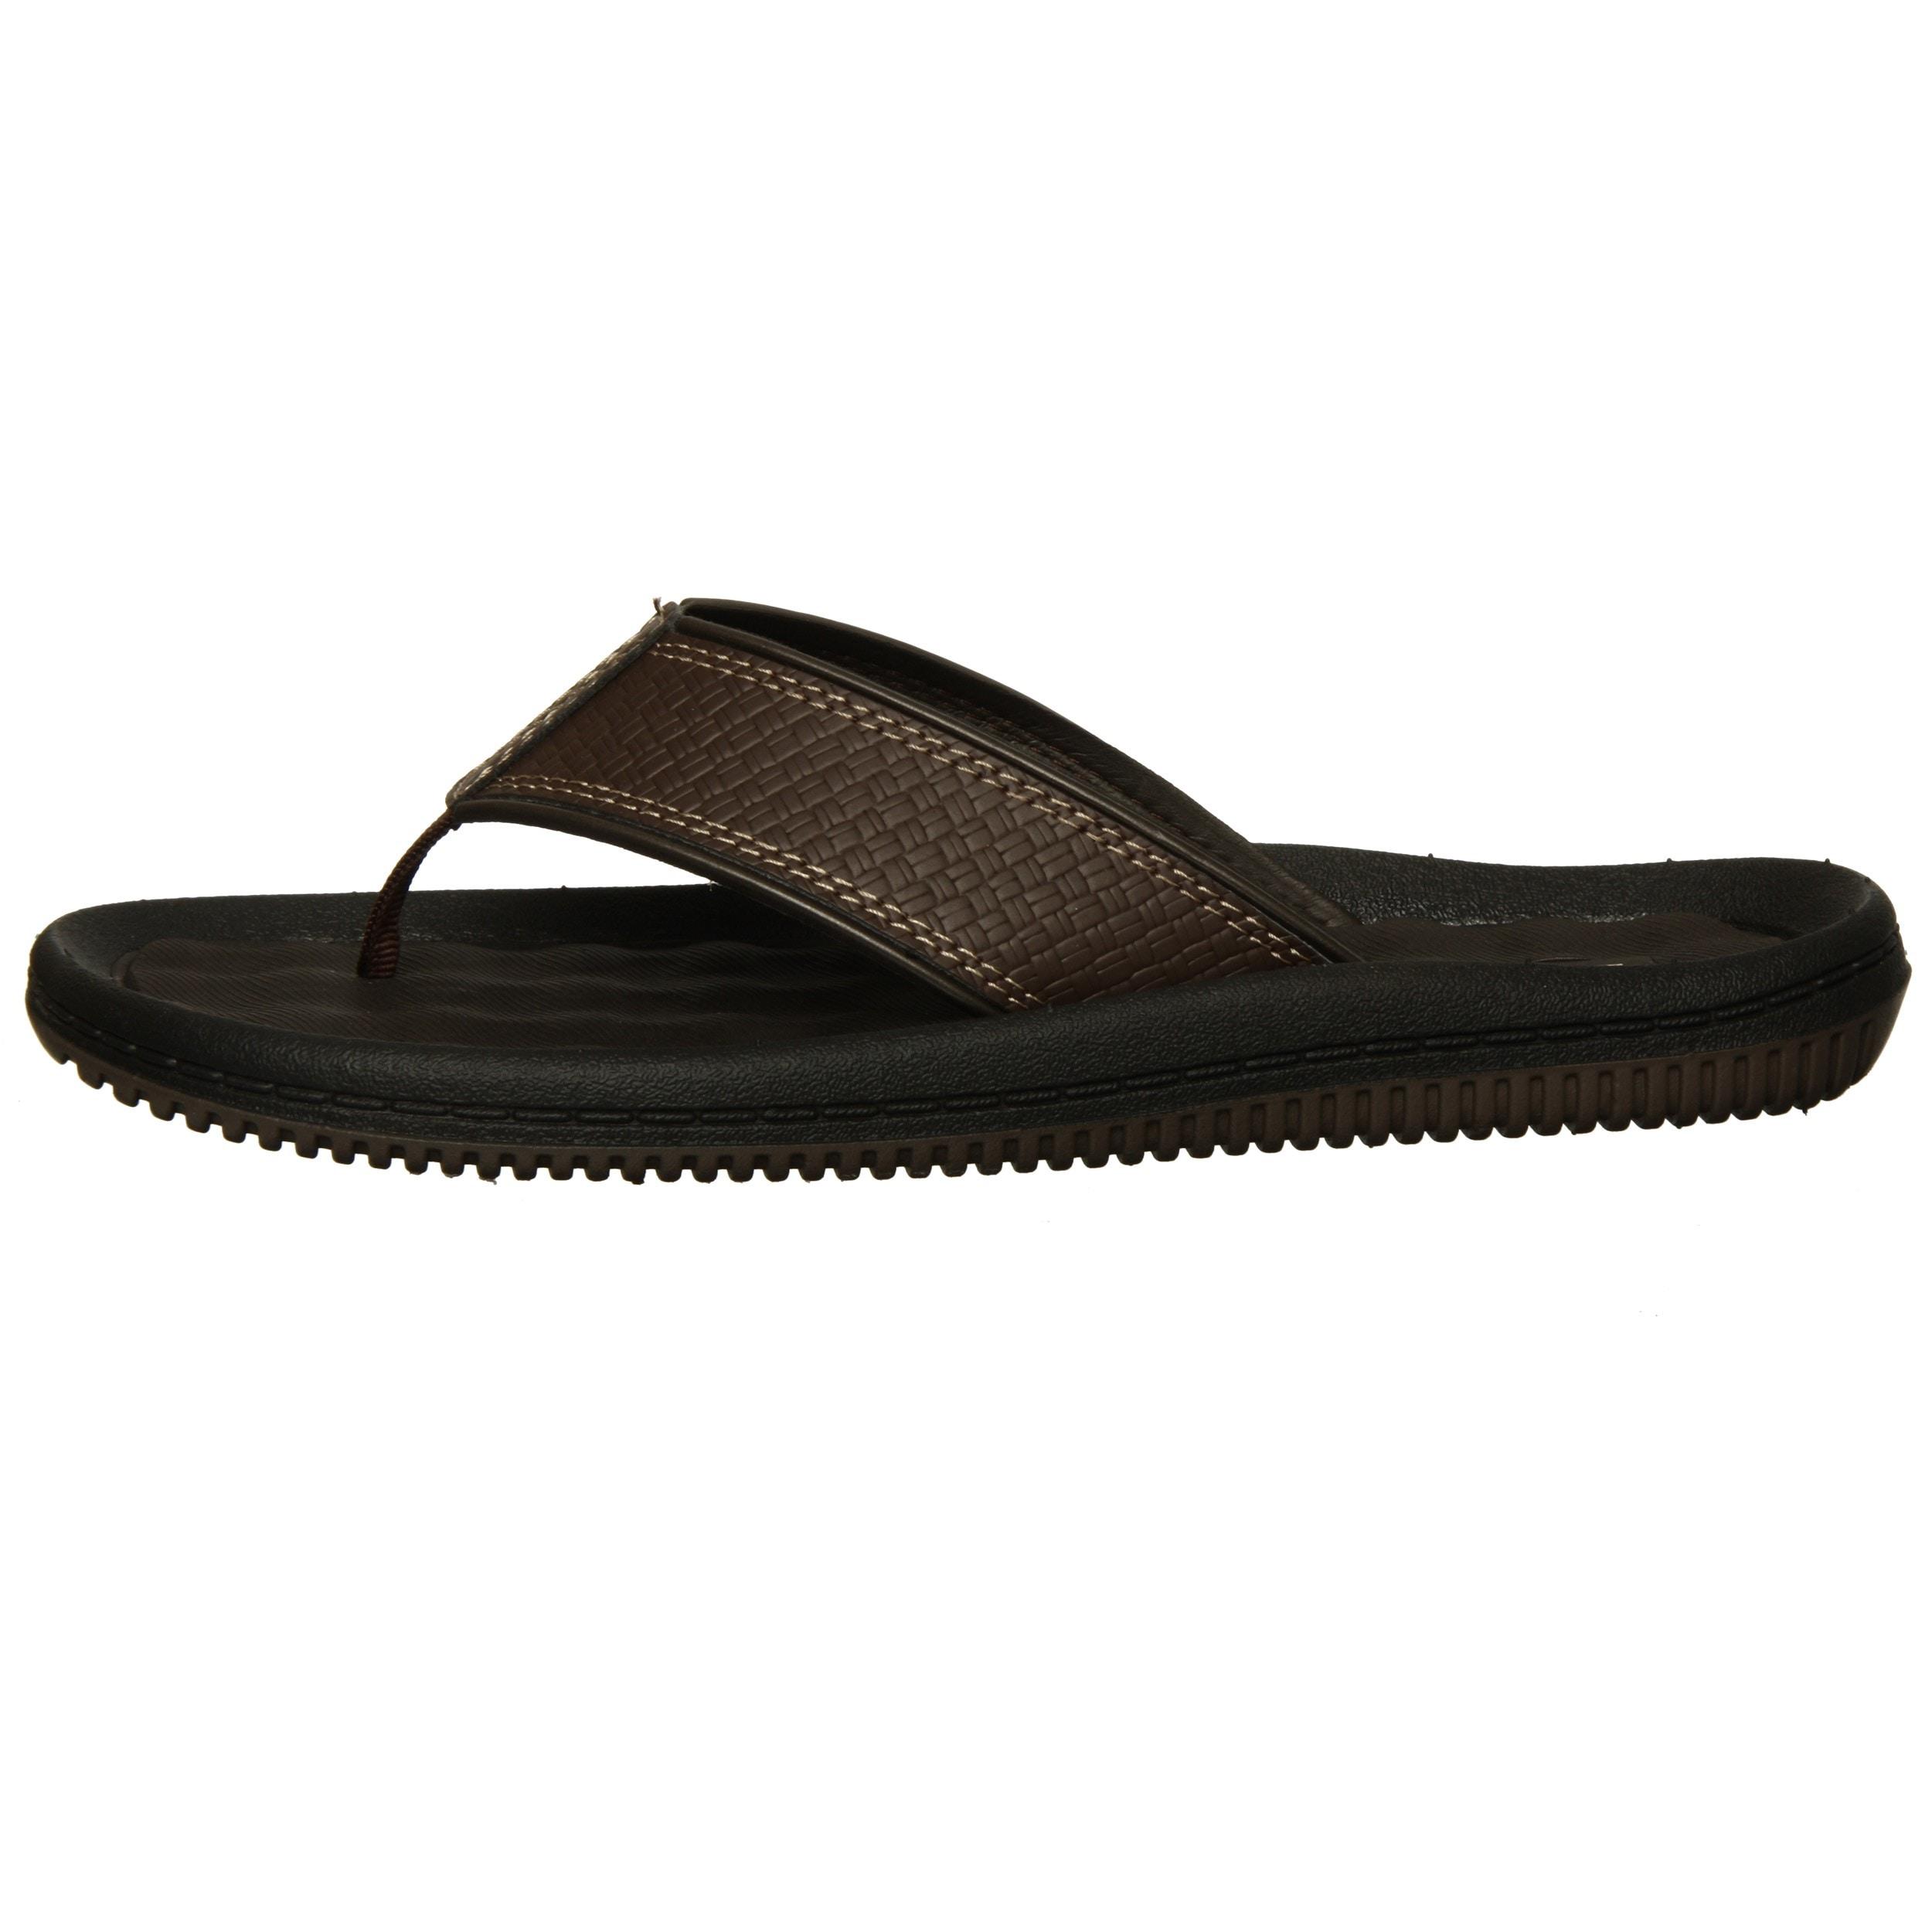 skechers rubber sandals